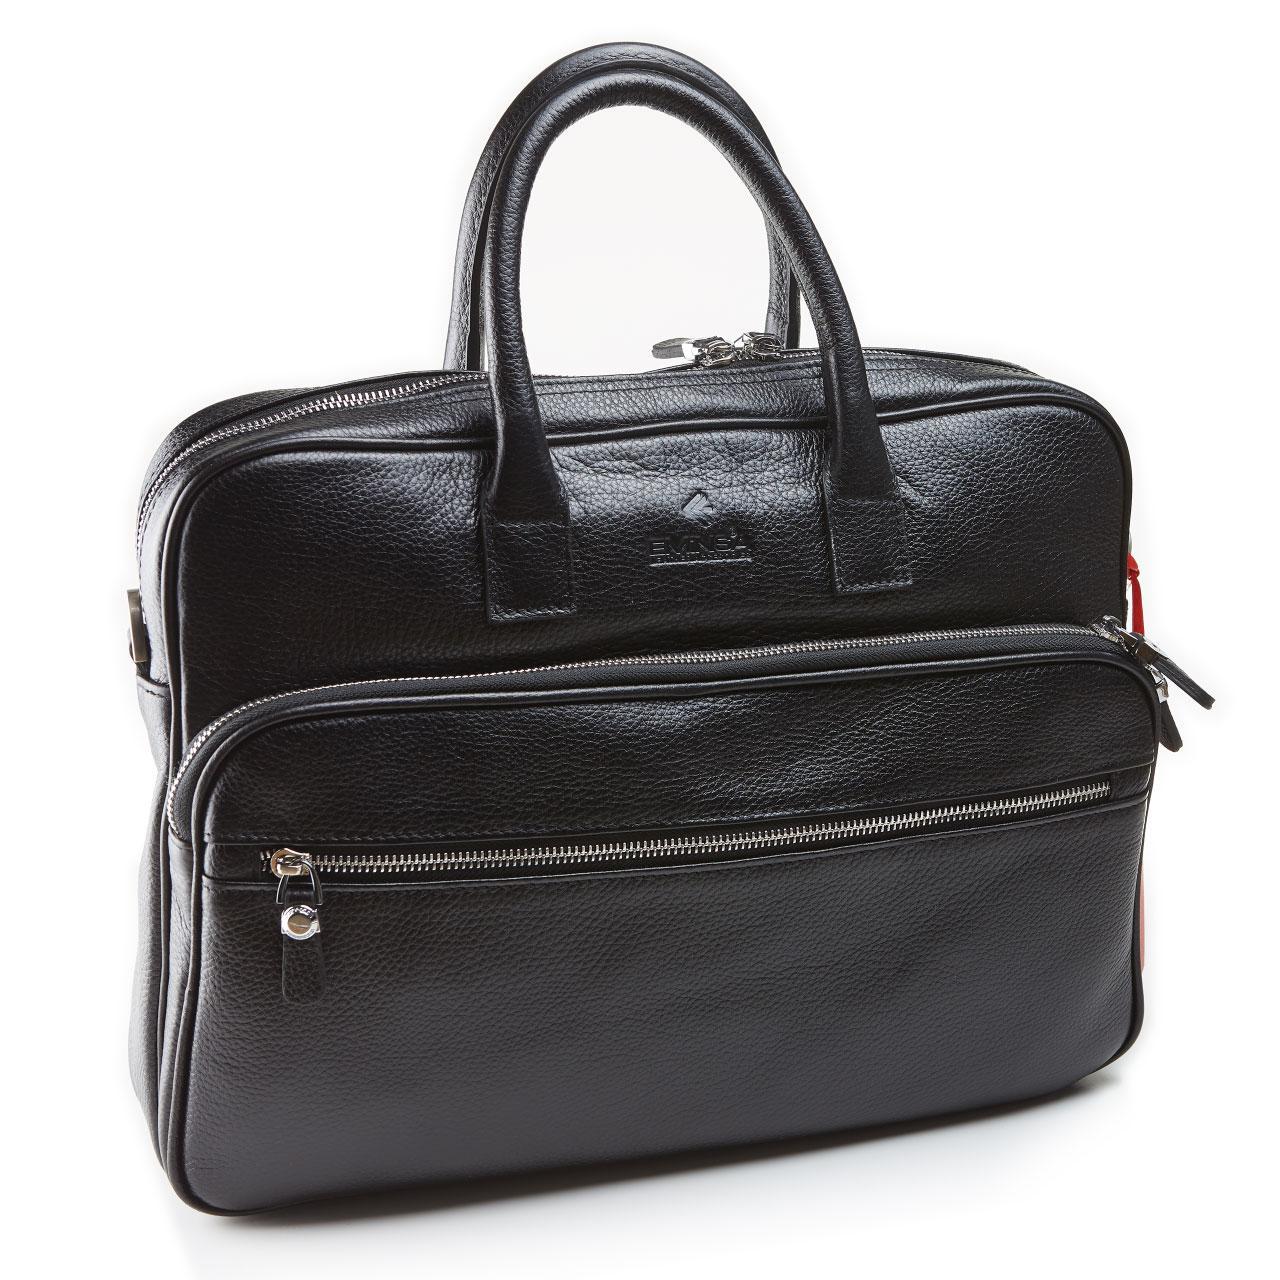 Чоловічий портфель сумка Eminsa 7008-37-1 з м'якої шкіри чорний